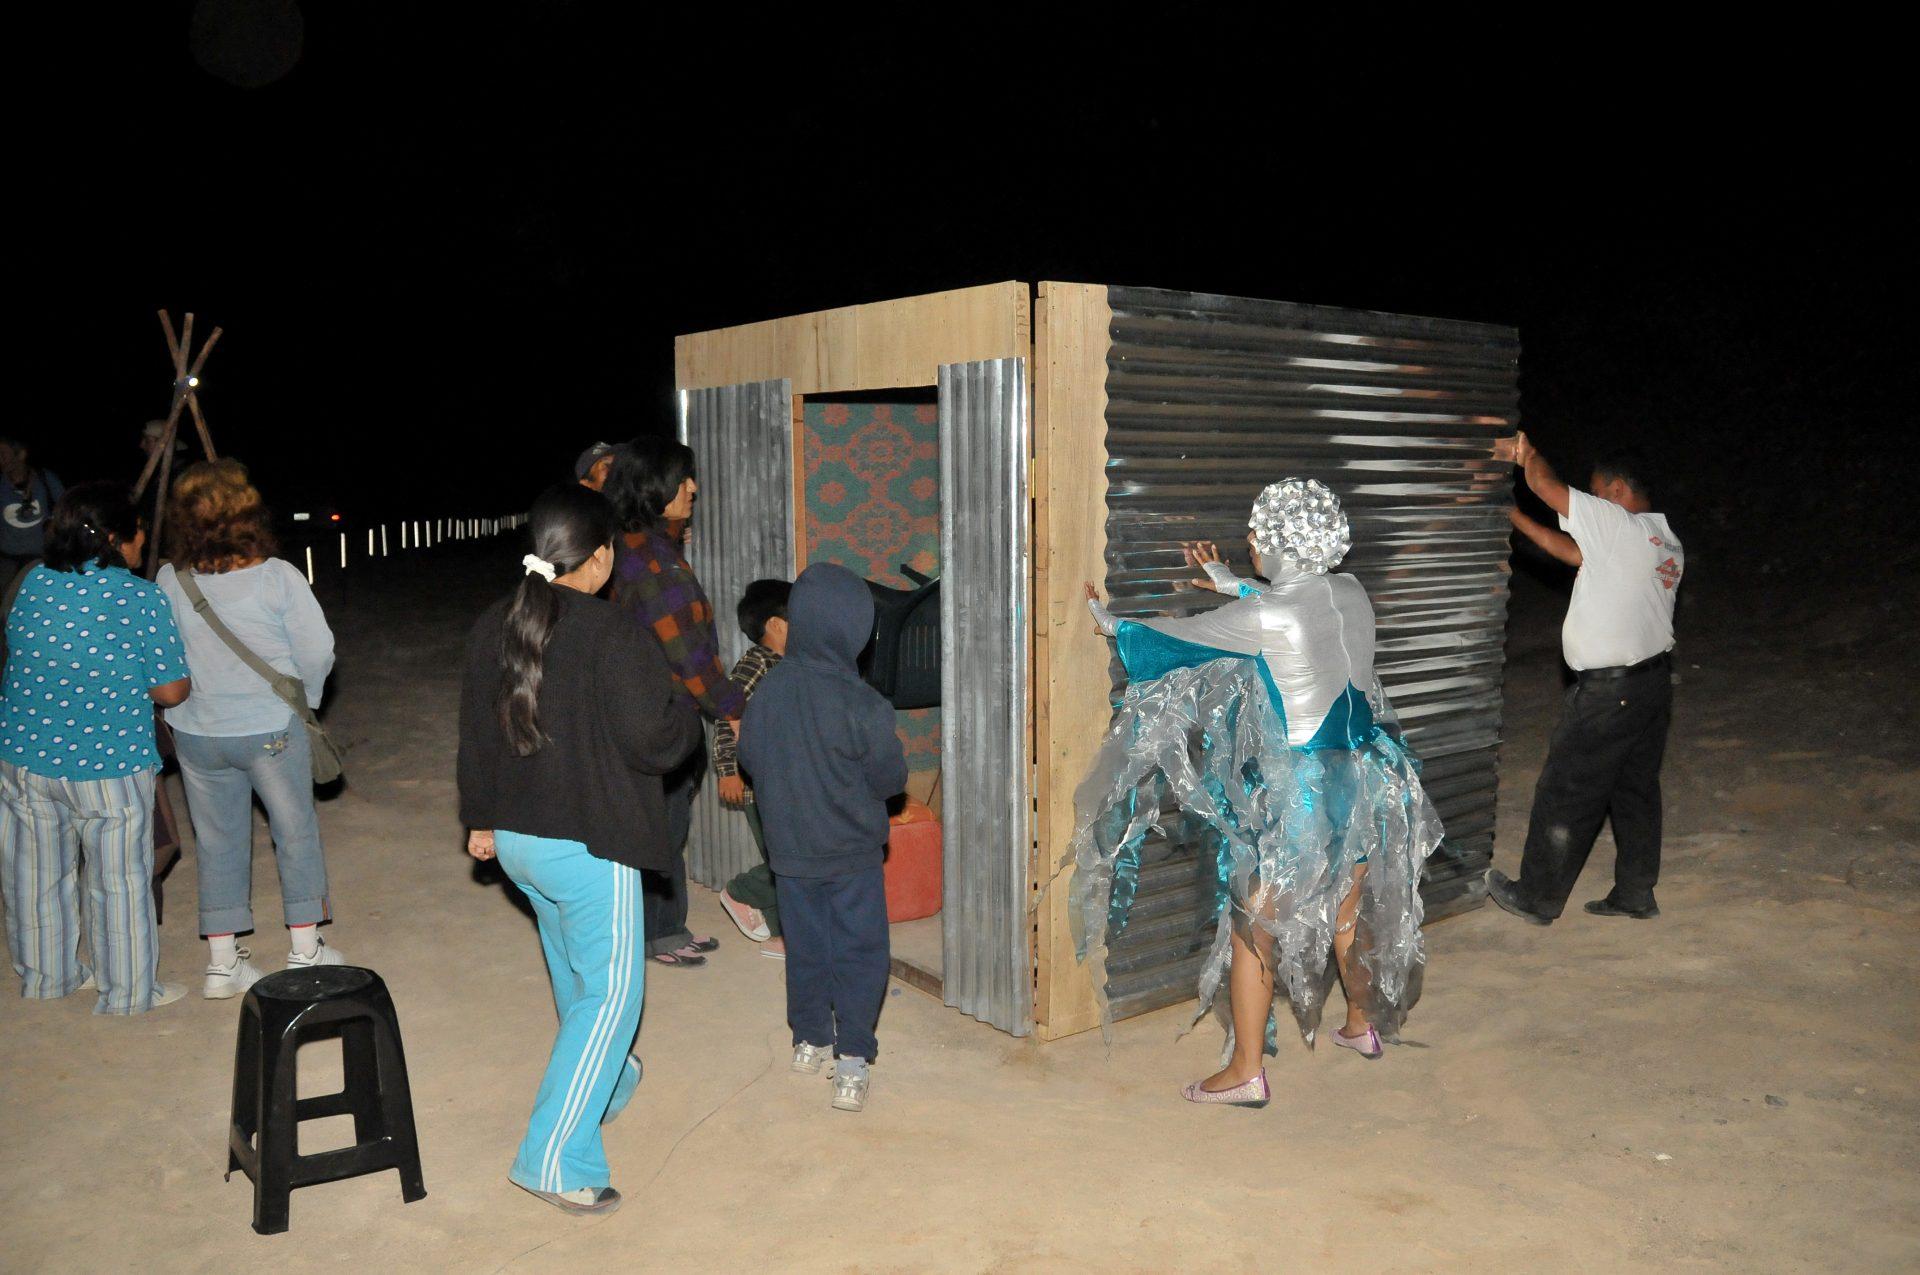 2008_peru_desierto_present3_01_desert_moon